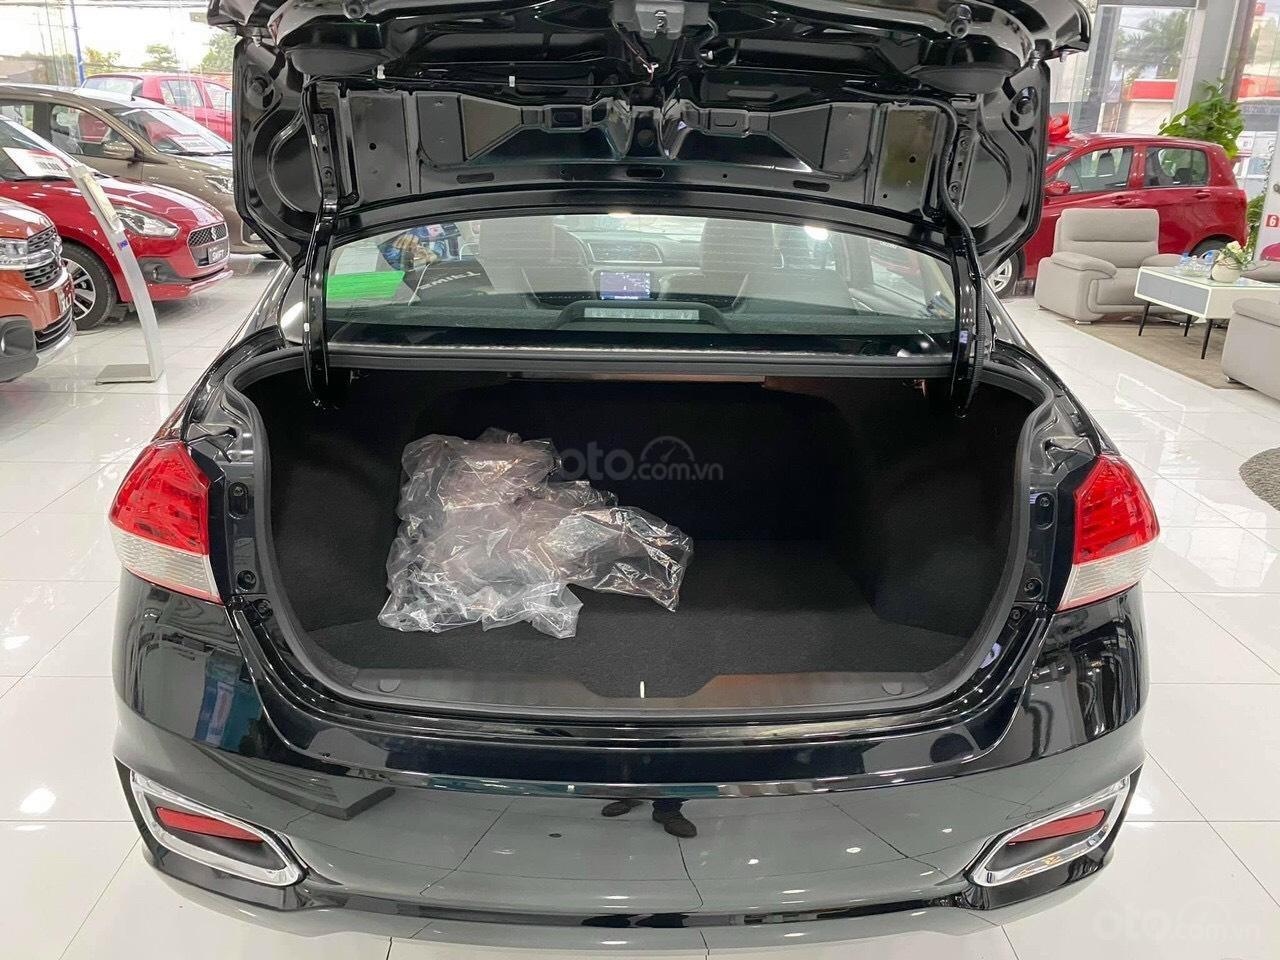 Suzuki Ciaz 2021 giá tốt nhất miền Nam - ưu đãi tiền mặt 35tr - Hỗ trợ giảm 50% thuế trước bạ (11)